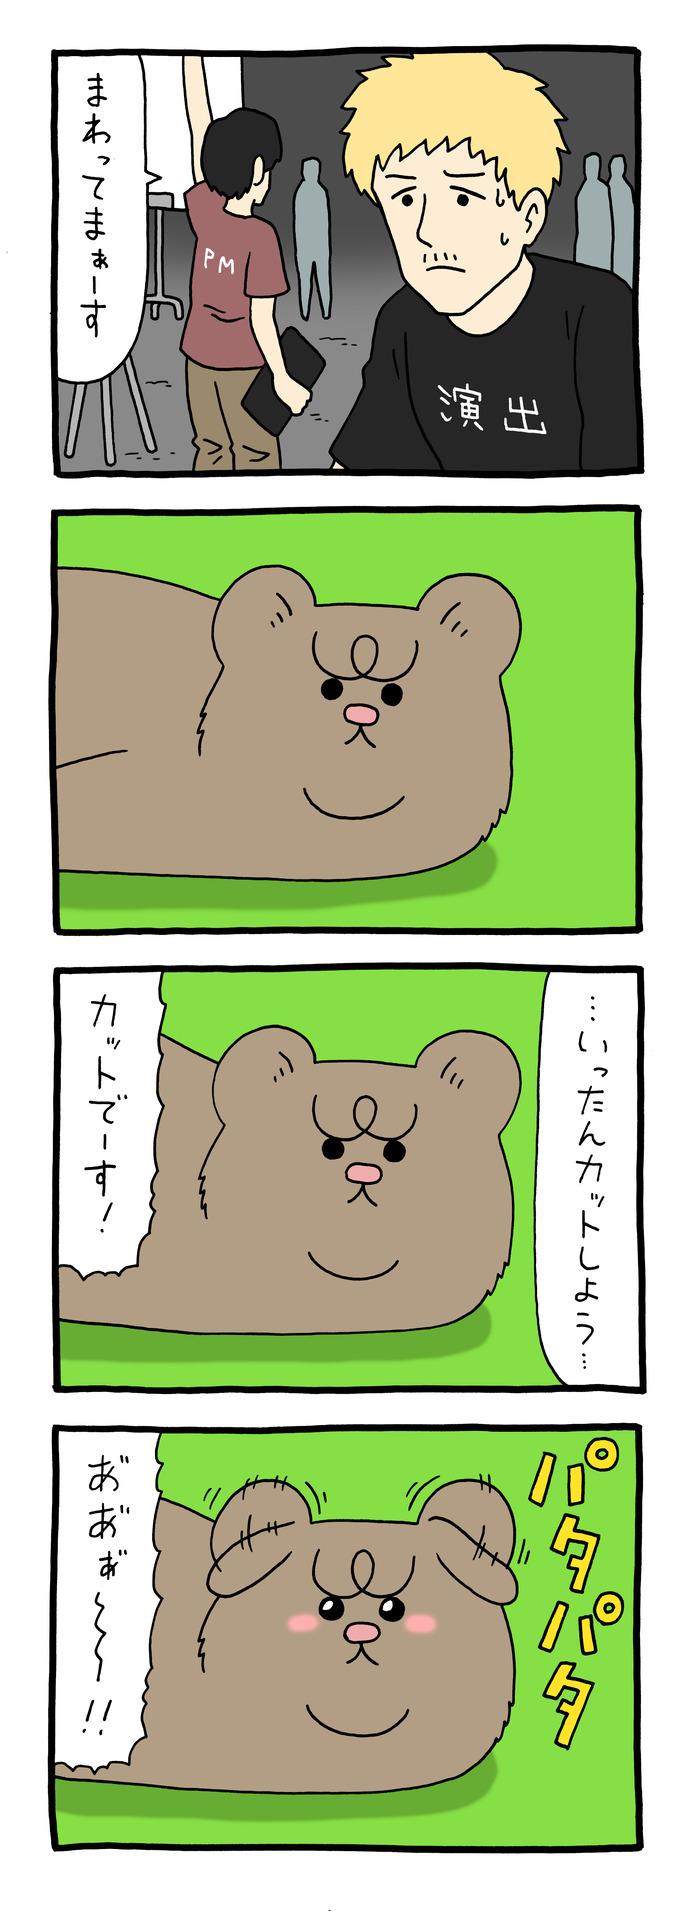 悲熊とコマーシャル2-_0002 のコピー